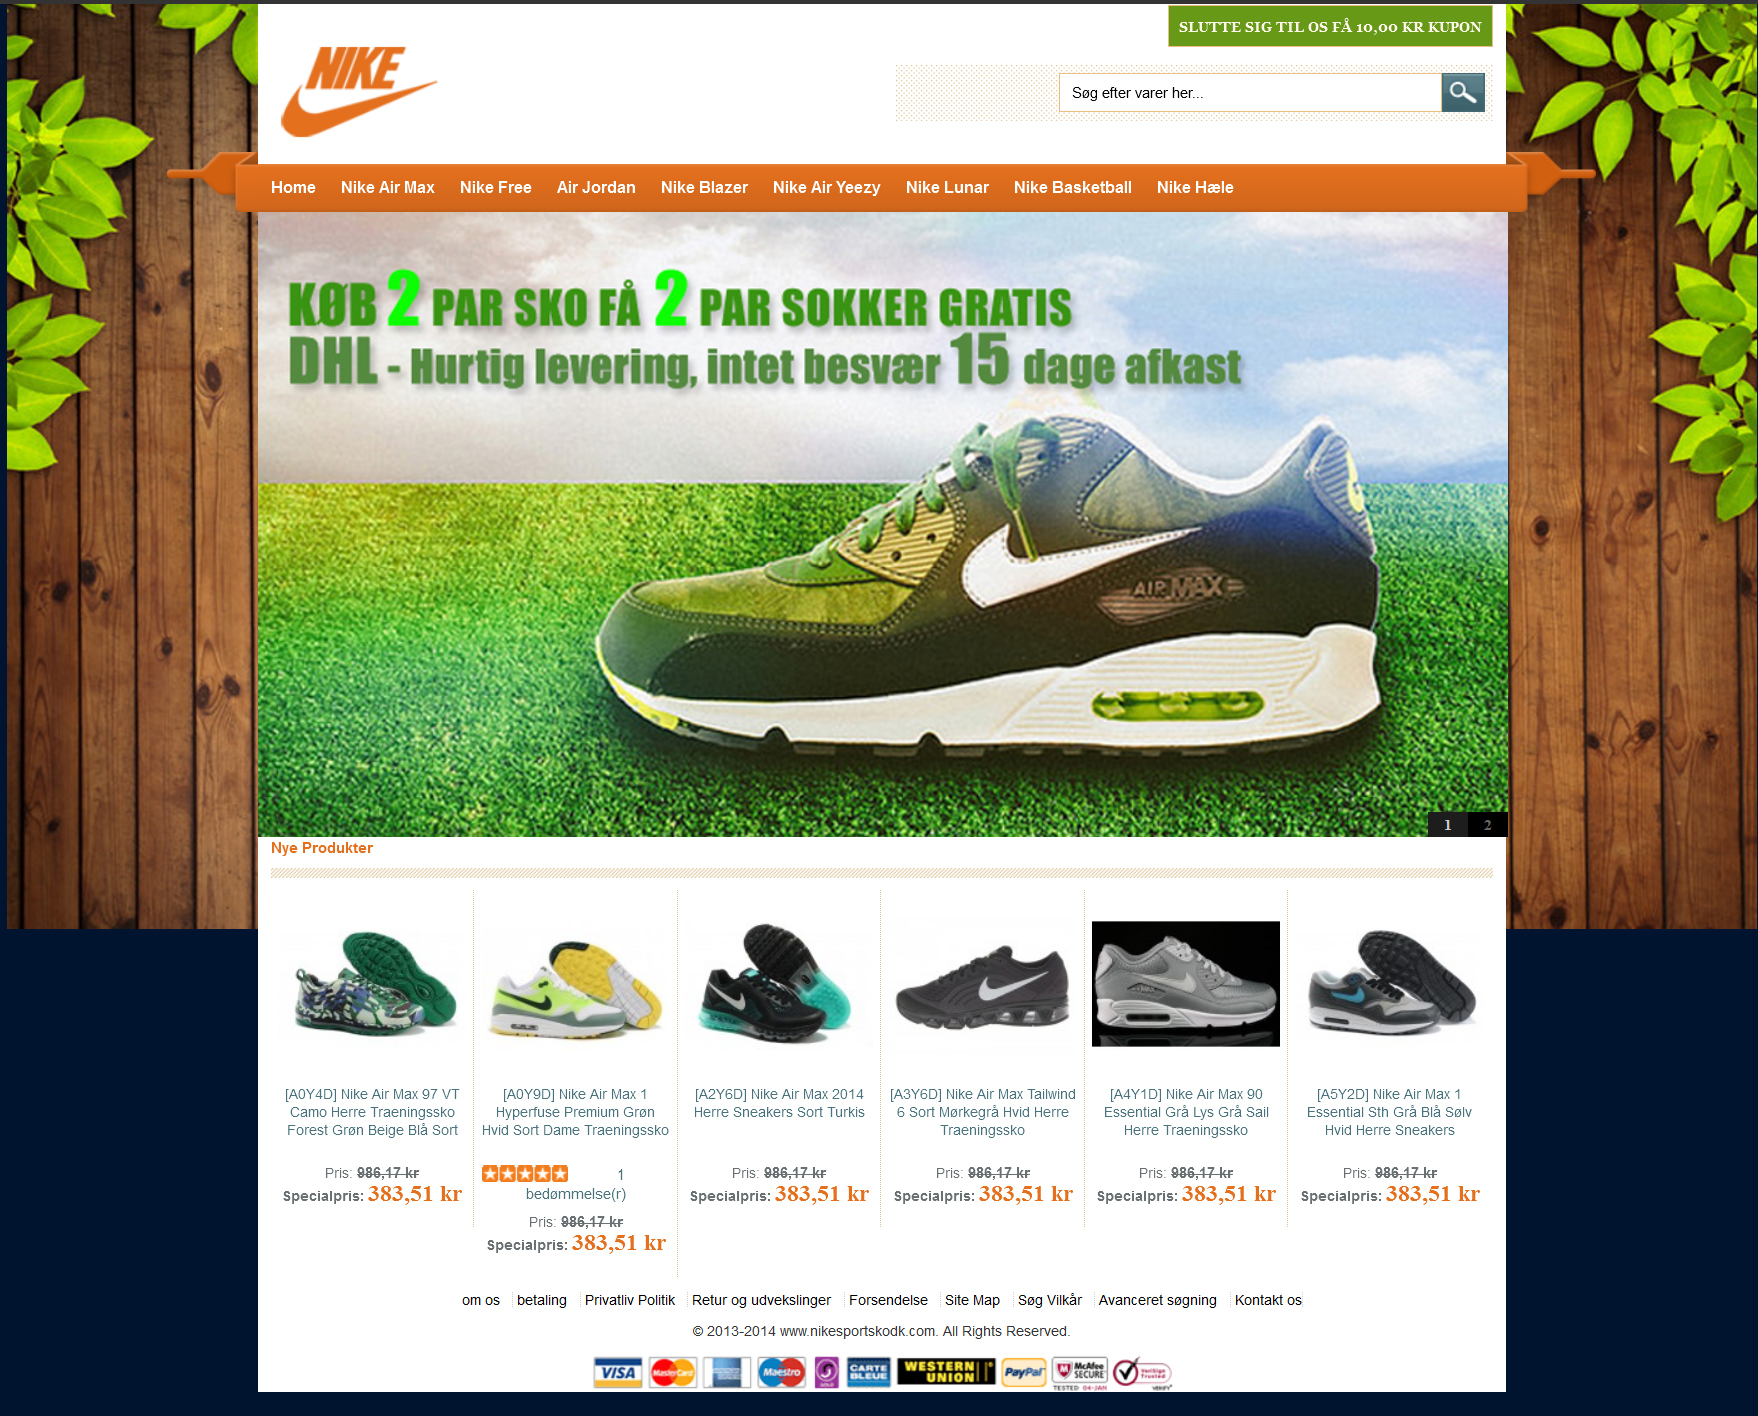 Falsk Nike webshop